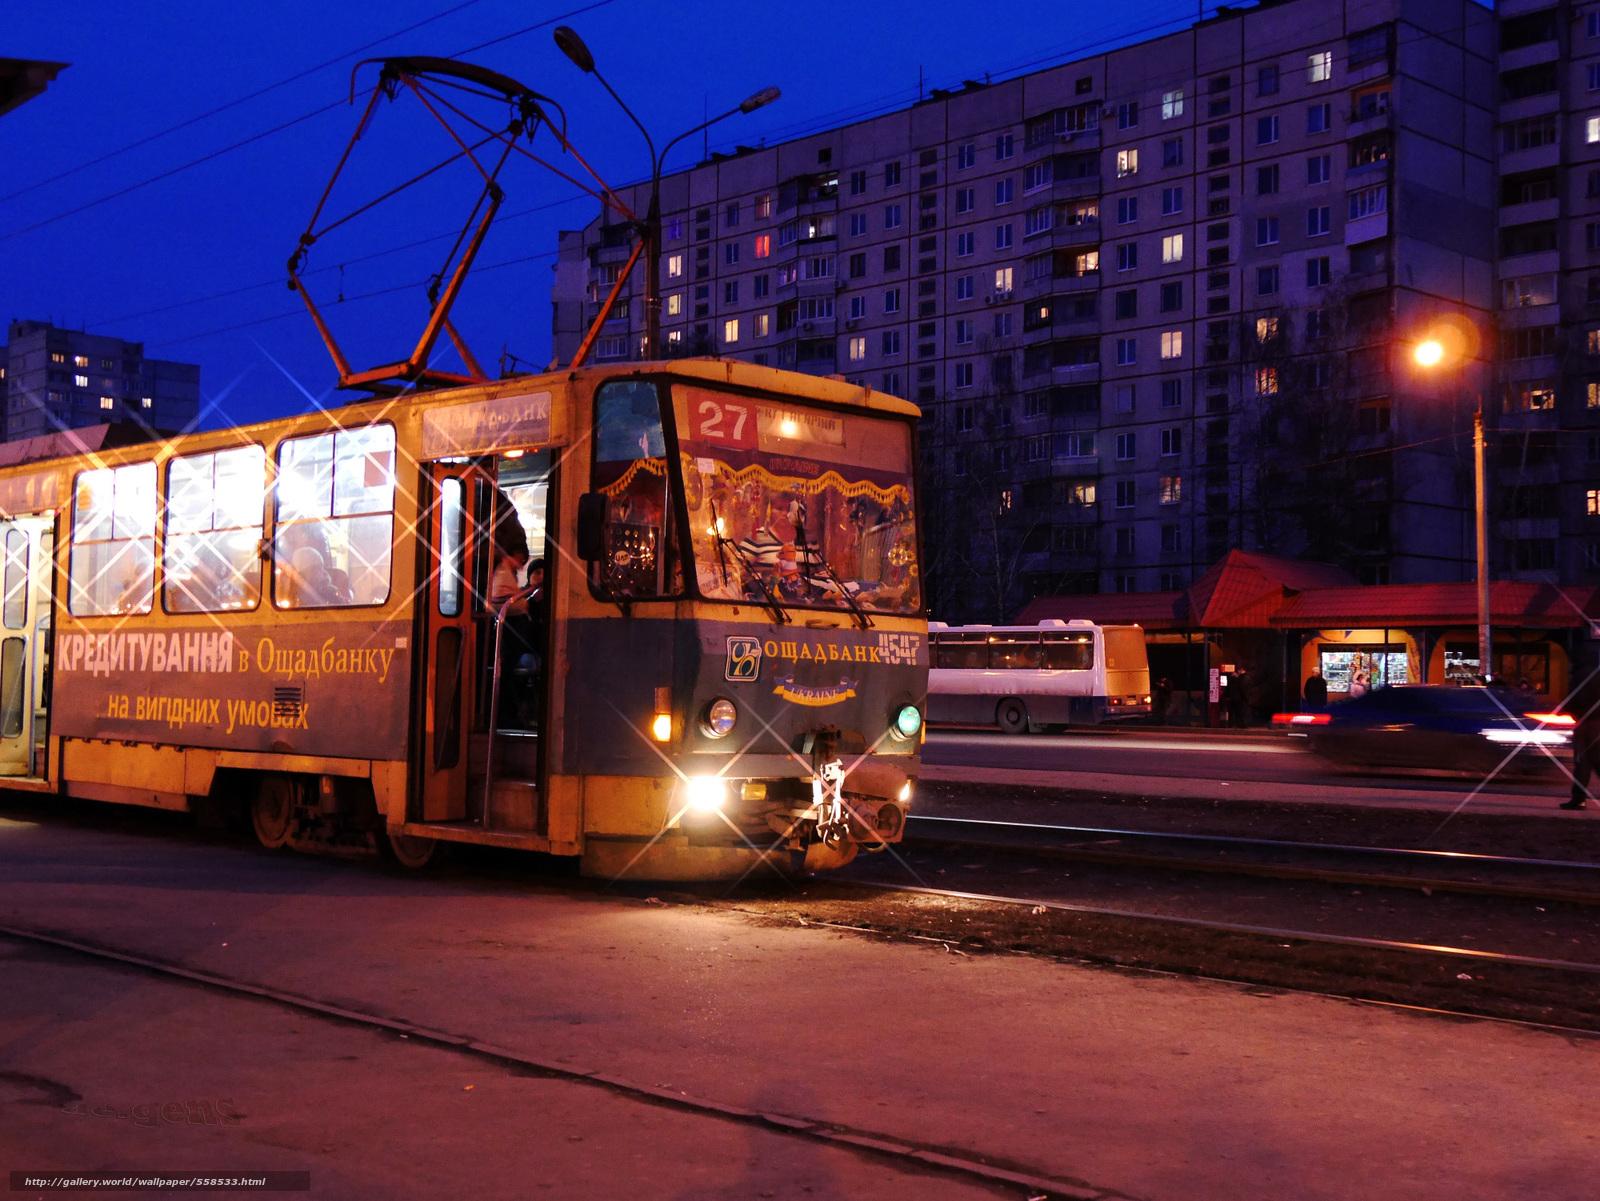 Скачать обои Харьков,  трамвай,  вечер бесплатно для рабочего стола в разрешении 2000x1501 — картинка №558533